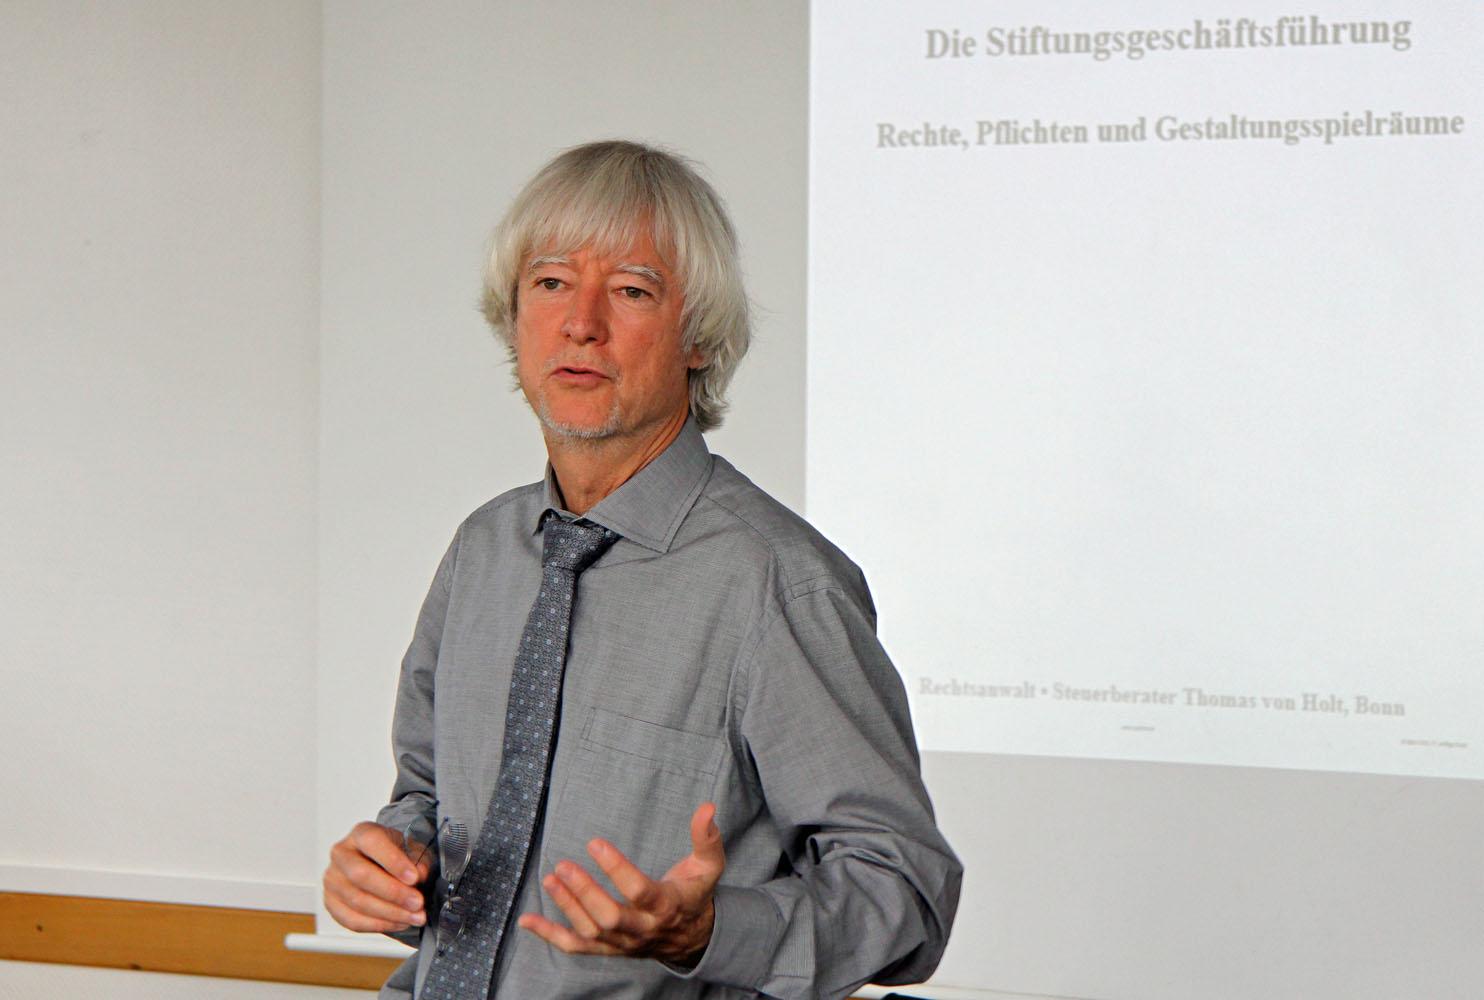 Rechtsanwalt und Steuerberater Thomas von Holt. Fotos: Henze